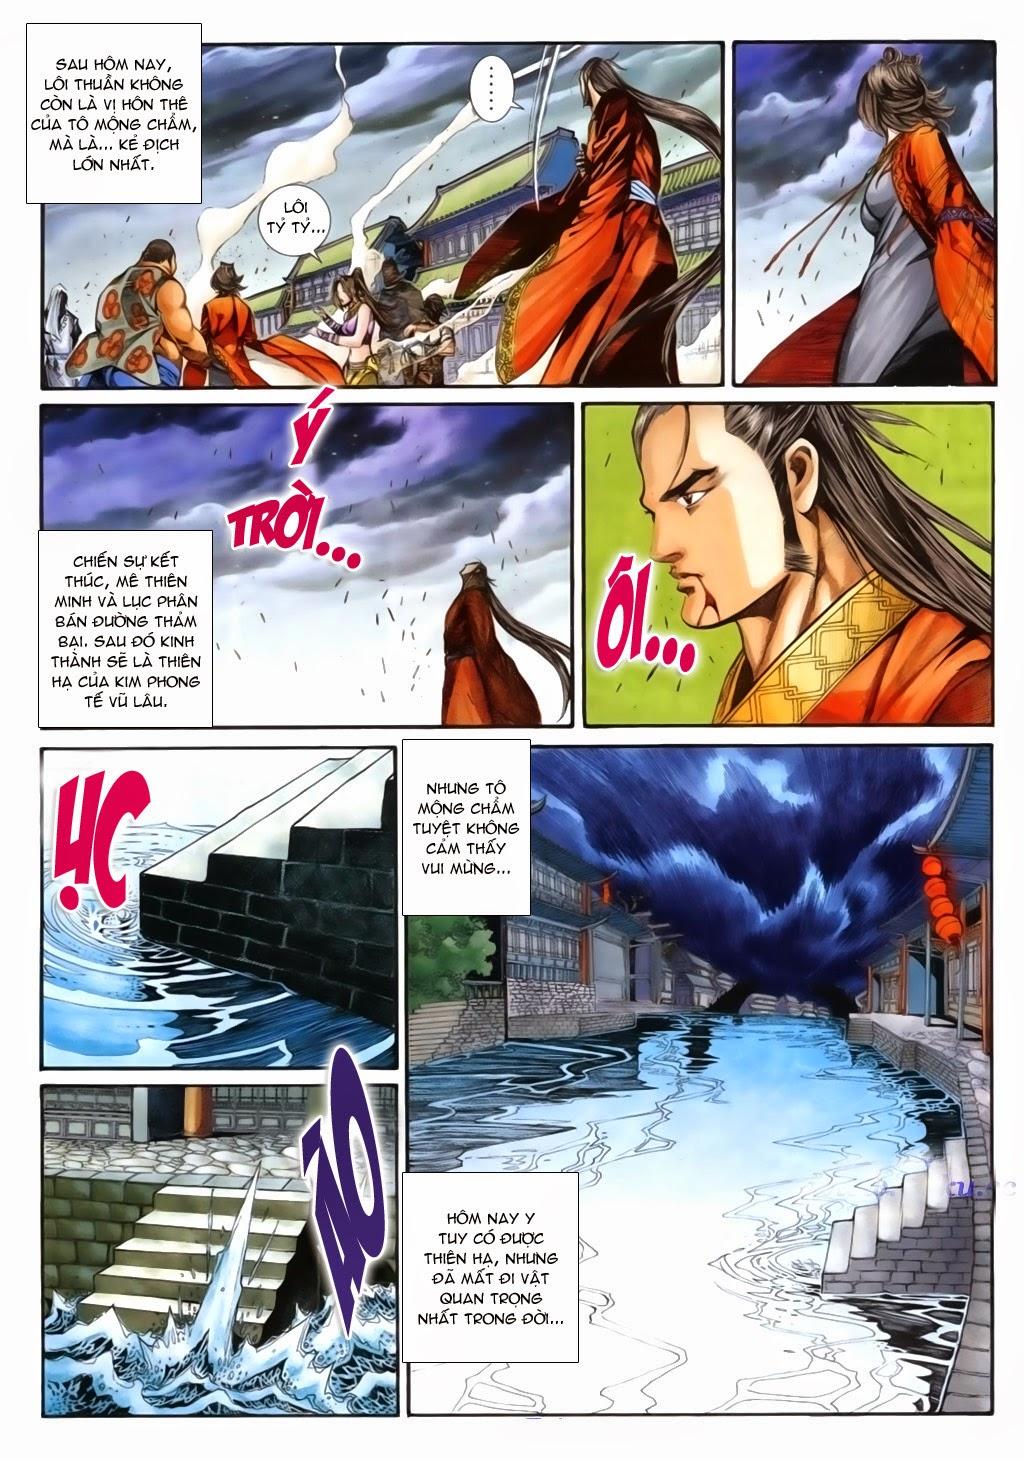 Thuyết Anh Hùng Thùy Thị Anh Hùng chap 16 Trang 16 - Mangak.info